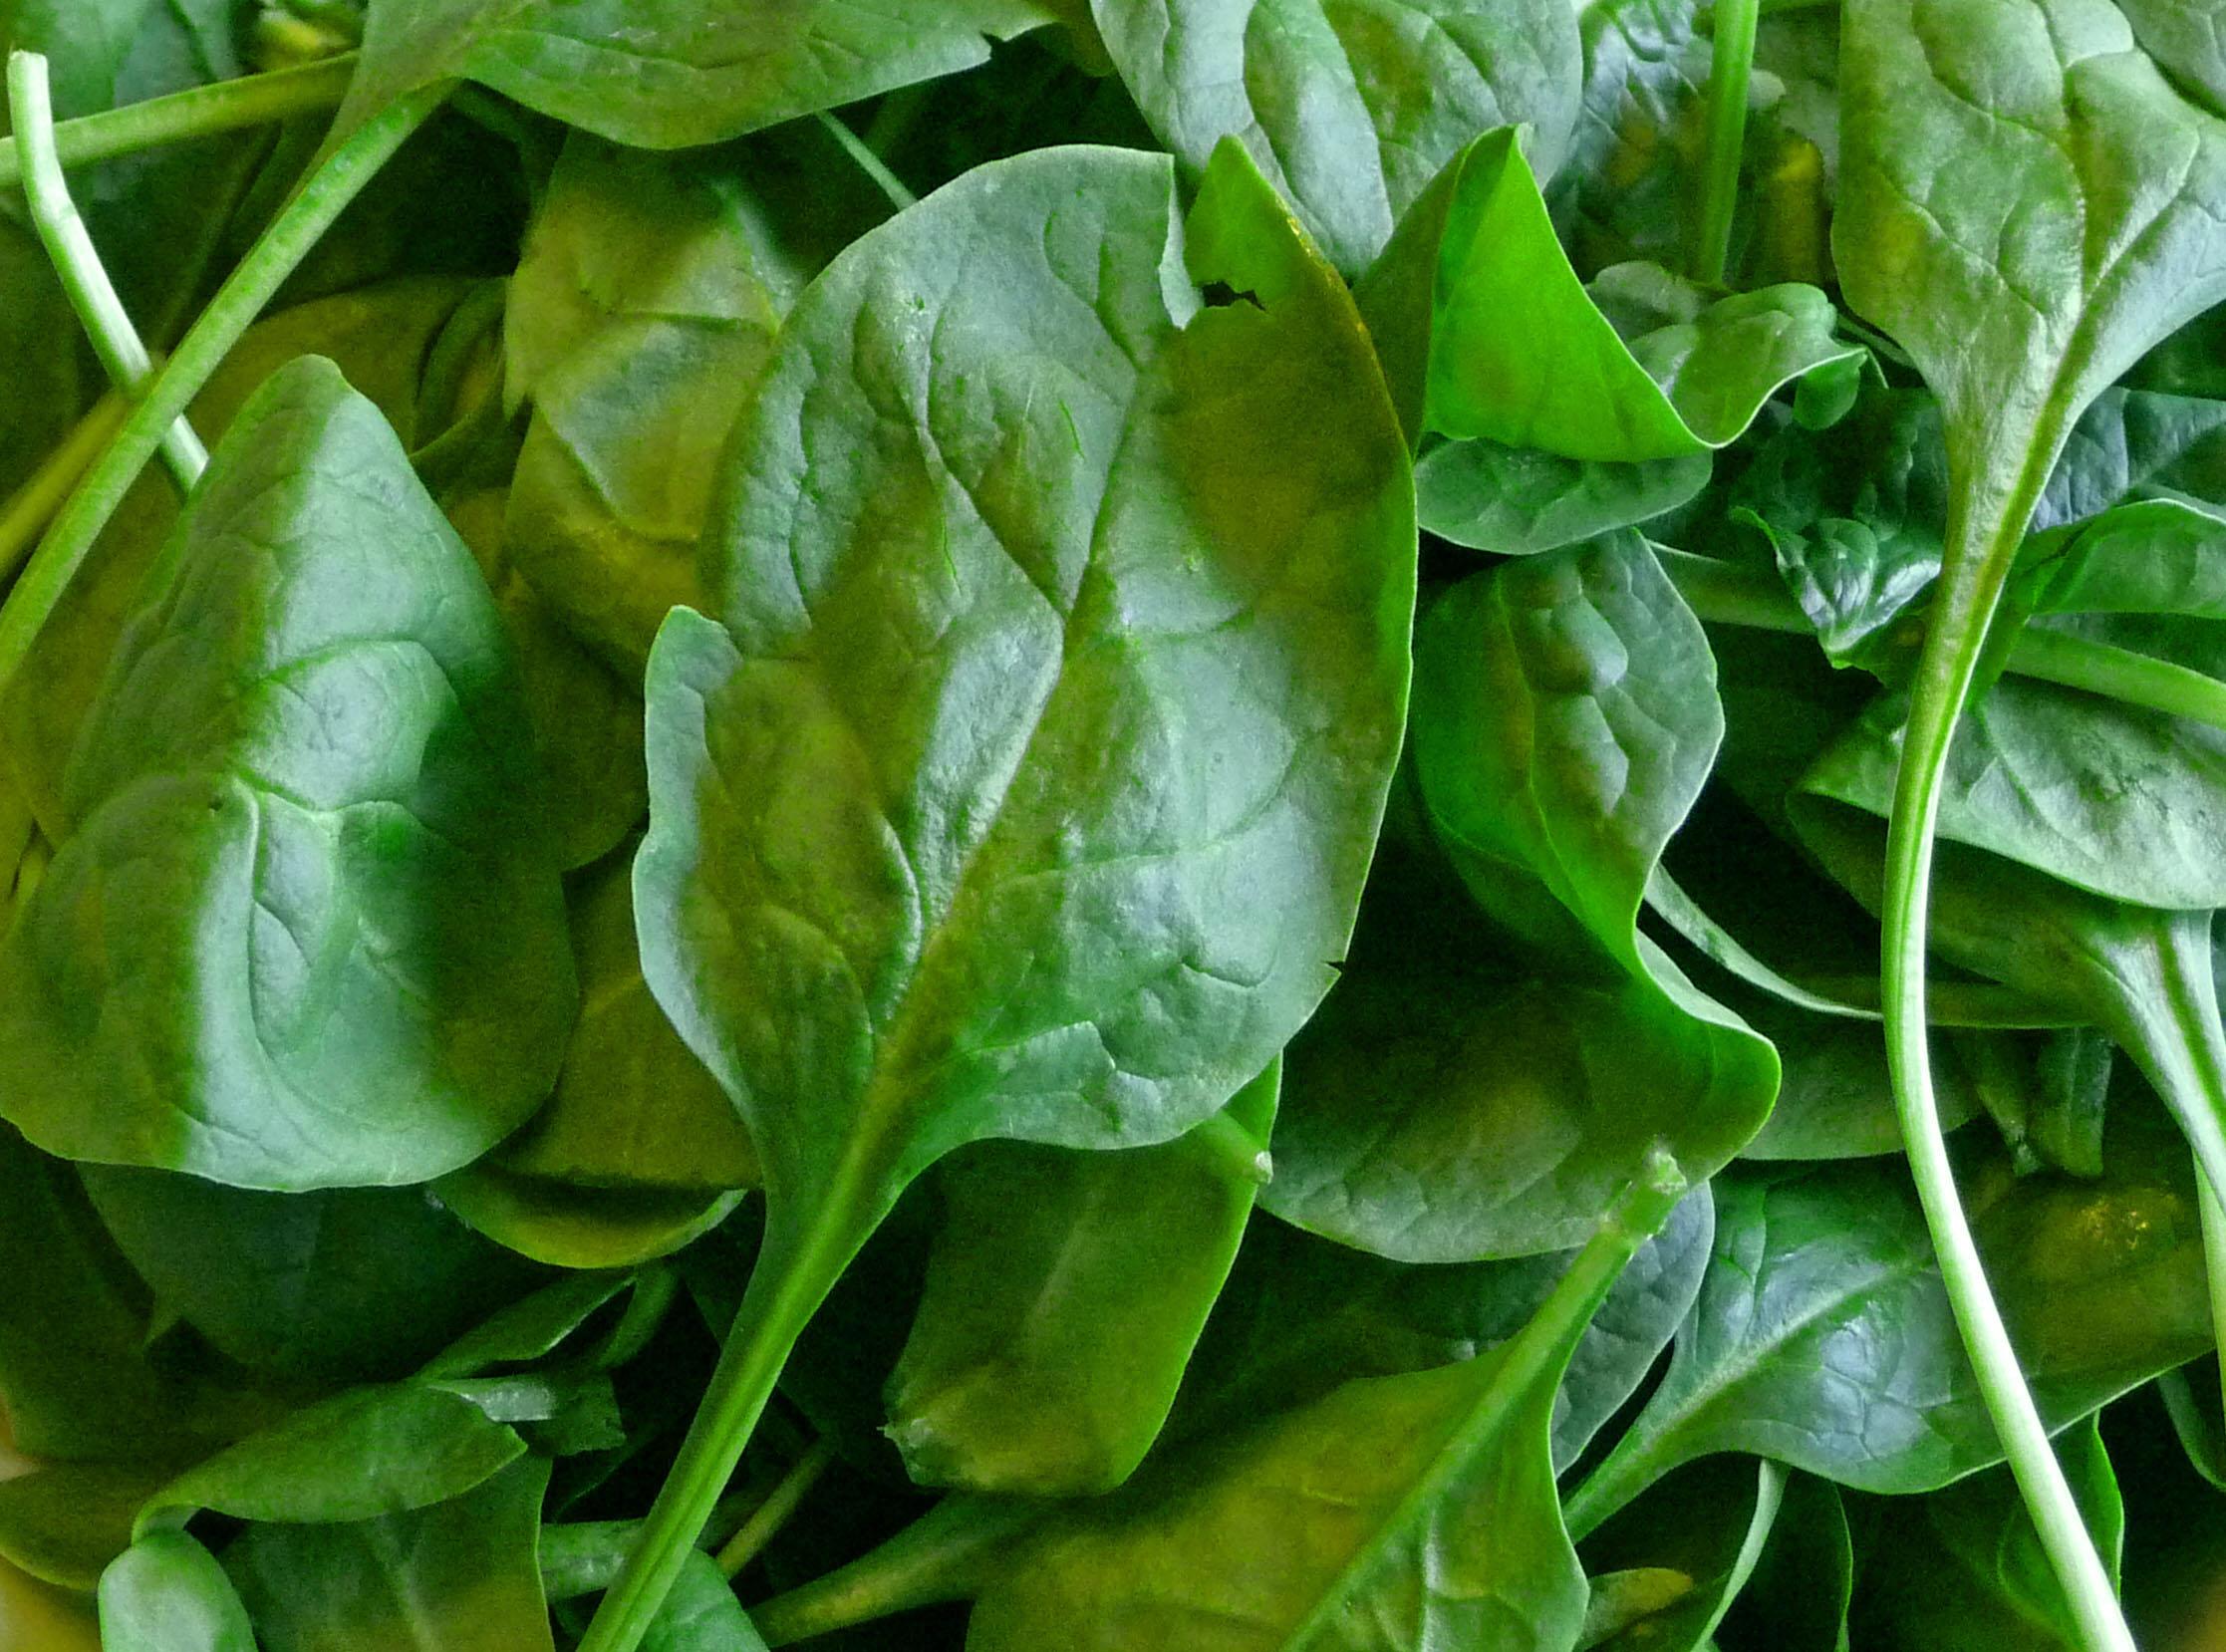 Baby Spinach (c) jfhaugen